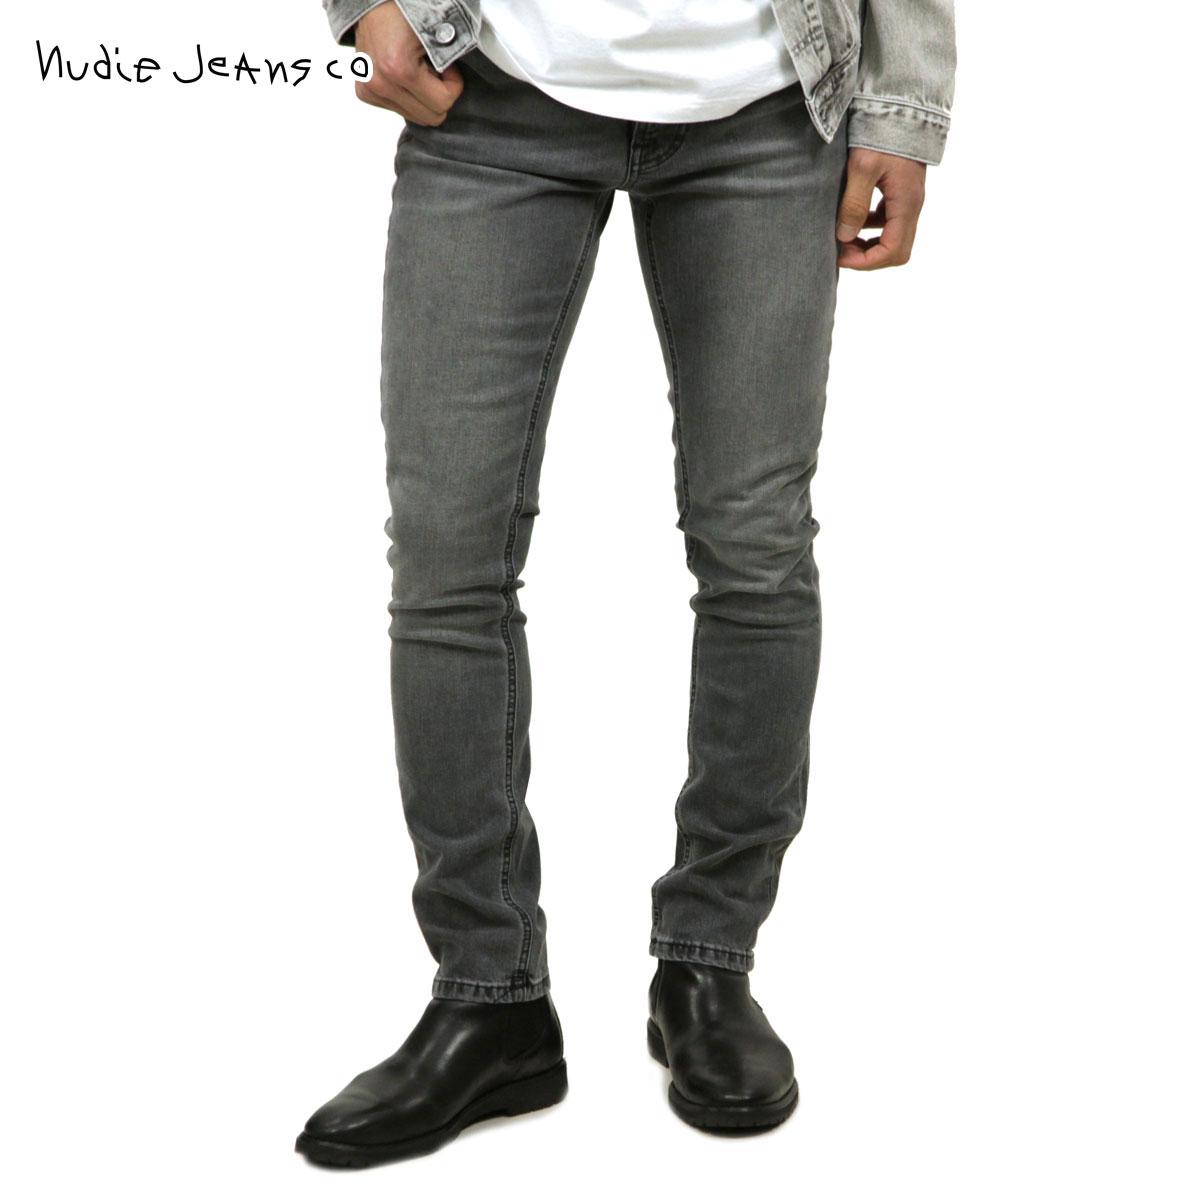 ヌーディージーンズ Nudie Jeans 正規販売店 メンズ ジーンズ リーンディーン LEAN DEAN JEANS MID GREY COMFORT 005 1129280 1101